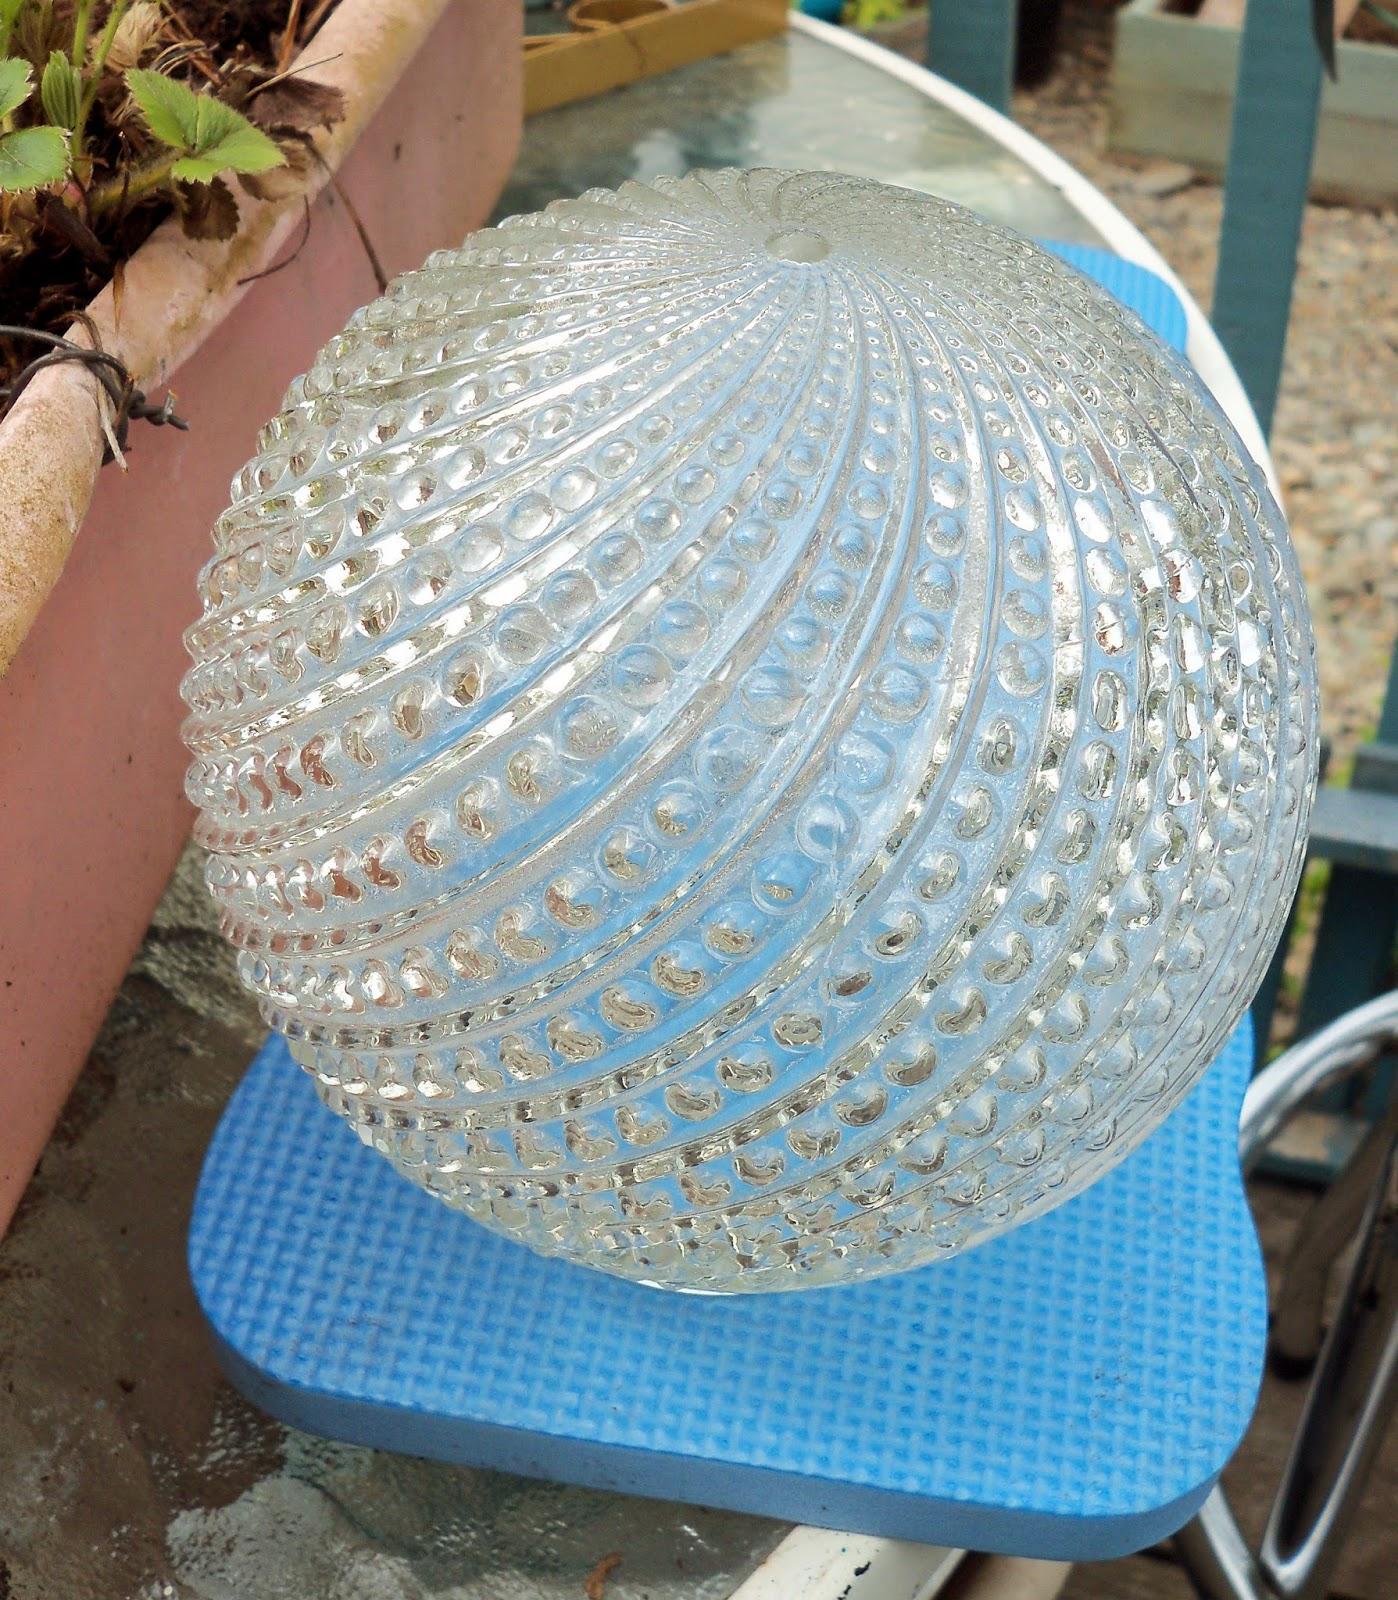 Make The Best of ThingsDIY Garden Art SUPER EASY Glass Garden